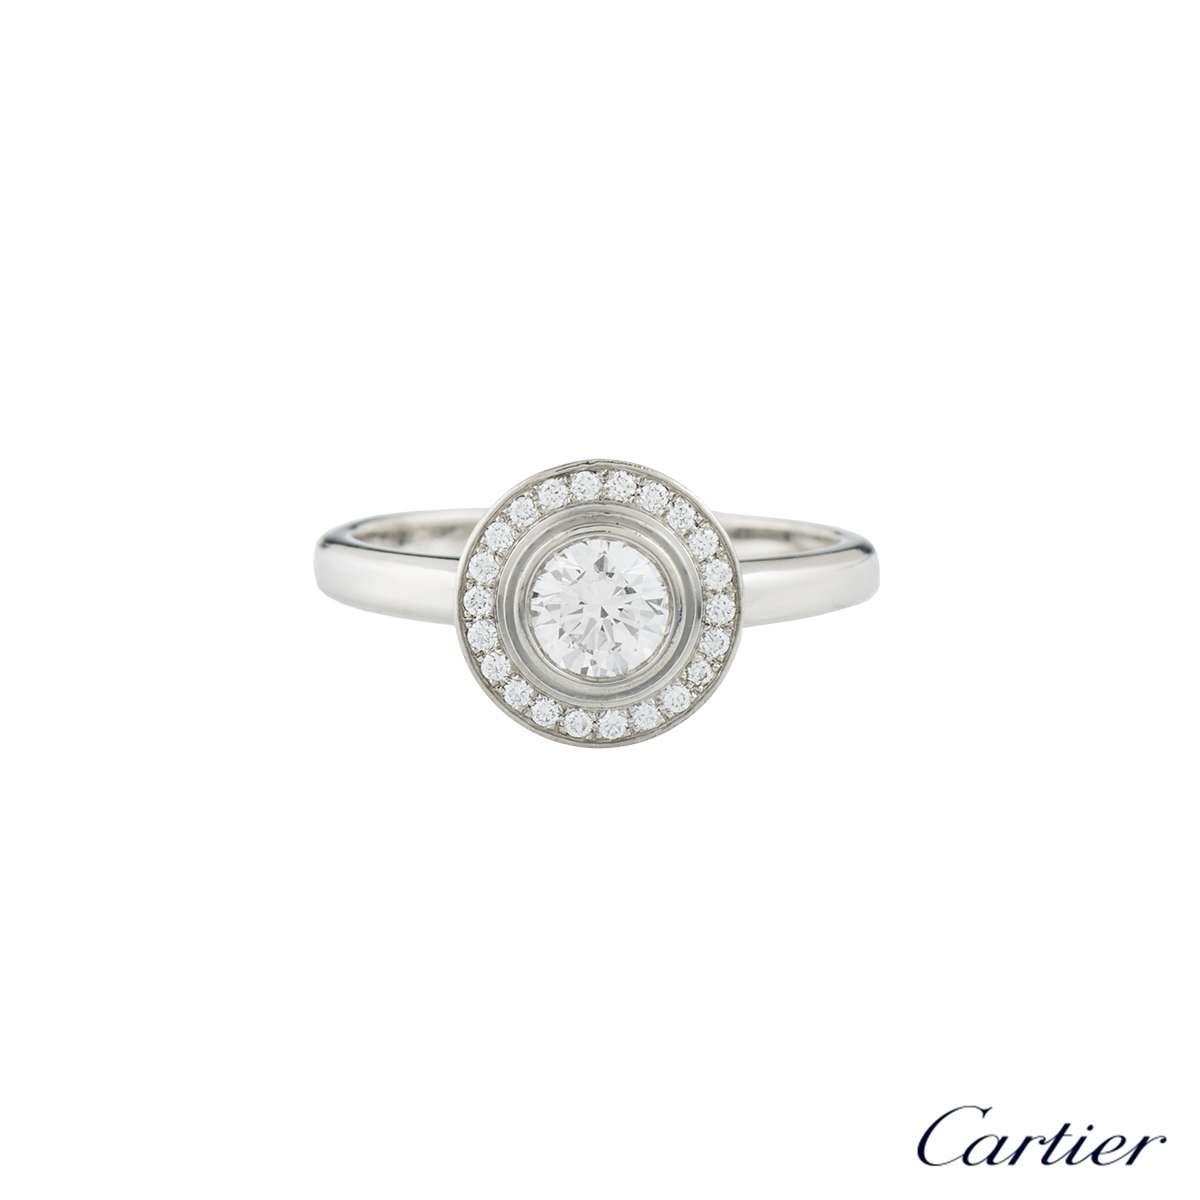 dfd6d937400 Cartier Damour Diamond Platinum